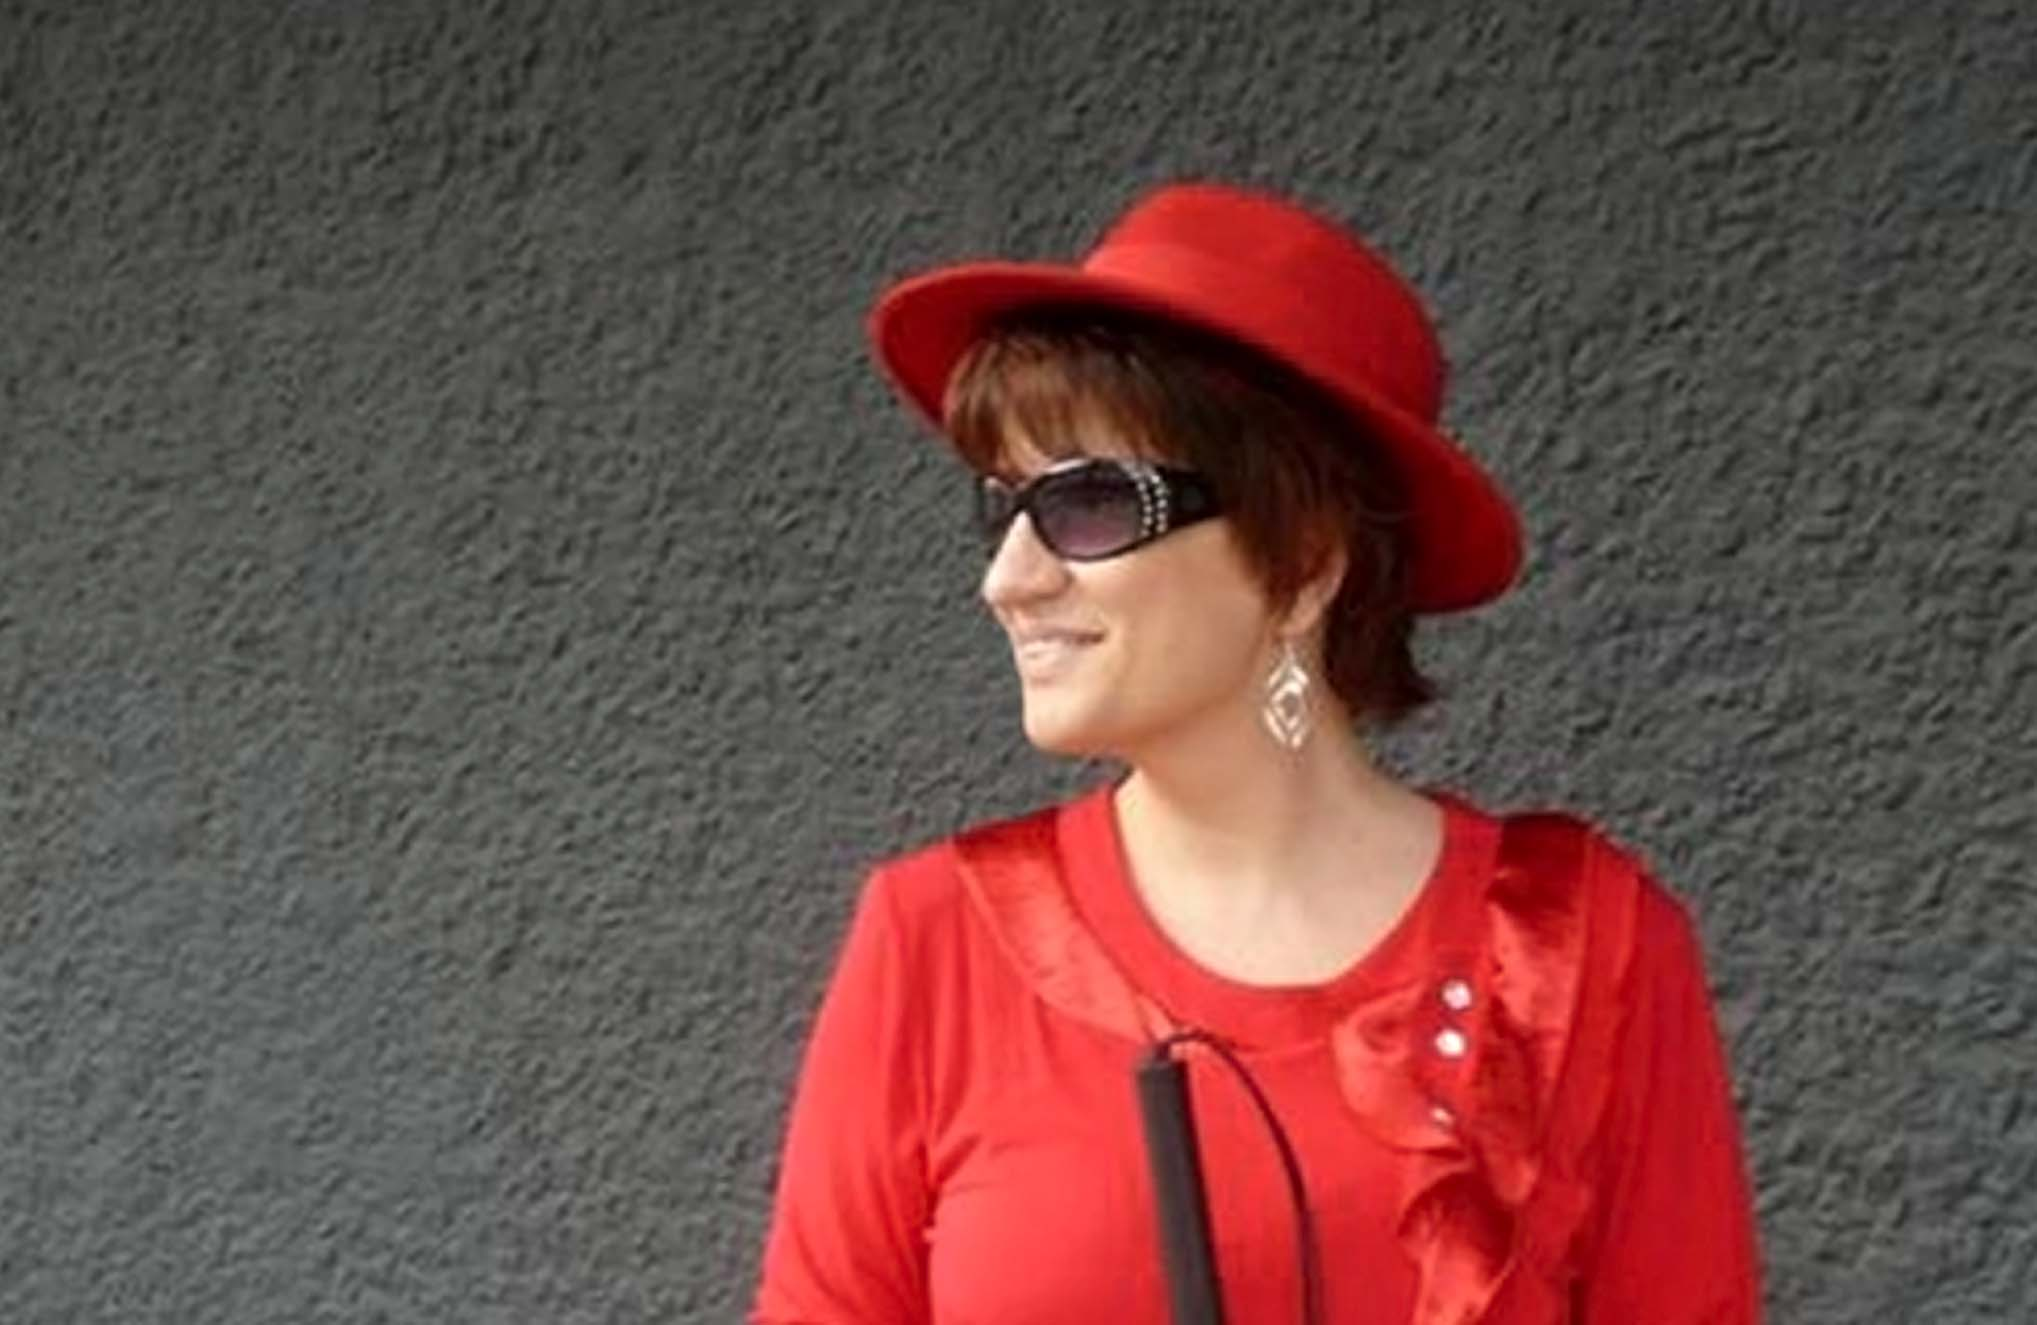 Silja Korn trägt eine rote Tunika mit Glitzer-Elementen, eine schwarze Sonnenbrille, einen Silberohrring und einen roten breitkrempigen Hut über ihren braunen mittellangen Haaren. Sie steht vor einer schwarzen Außenwand und schaut nach links.